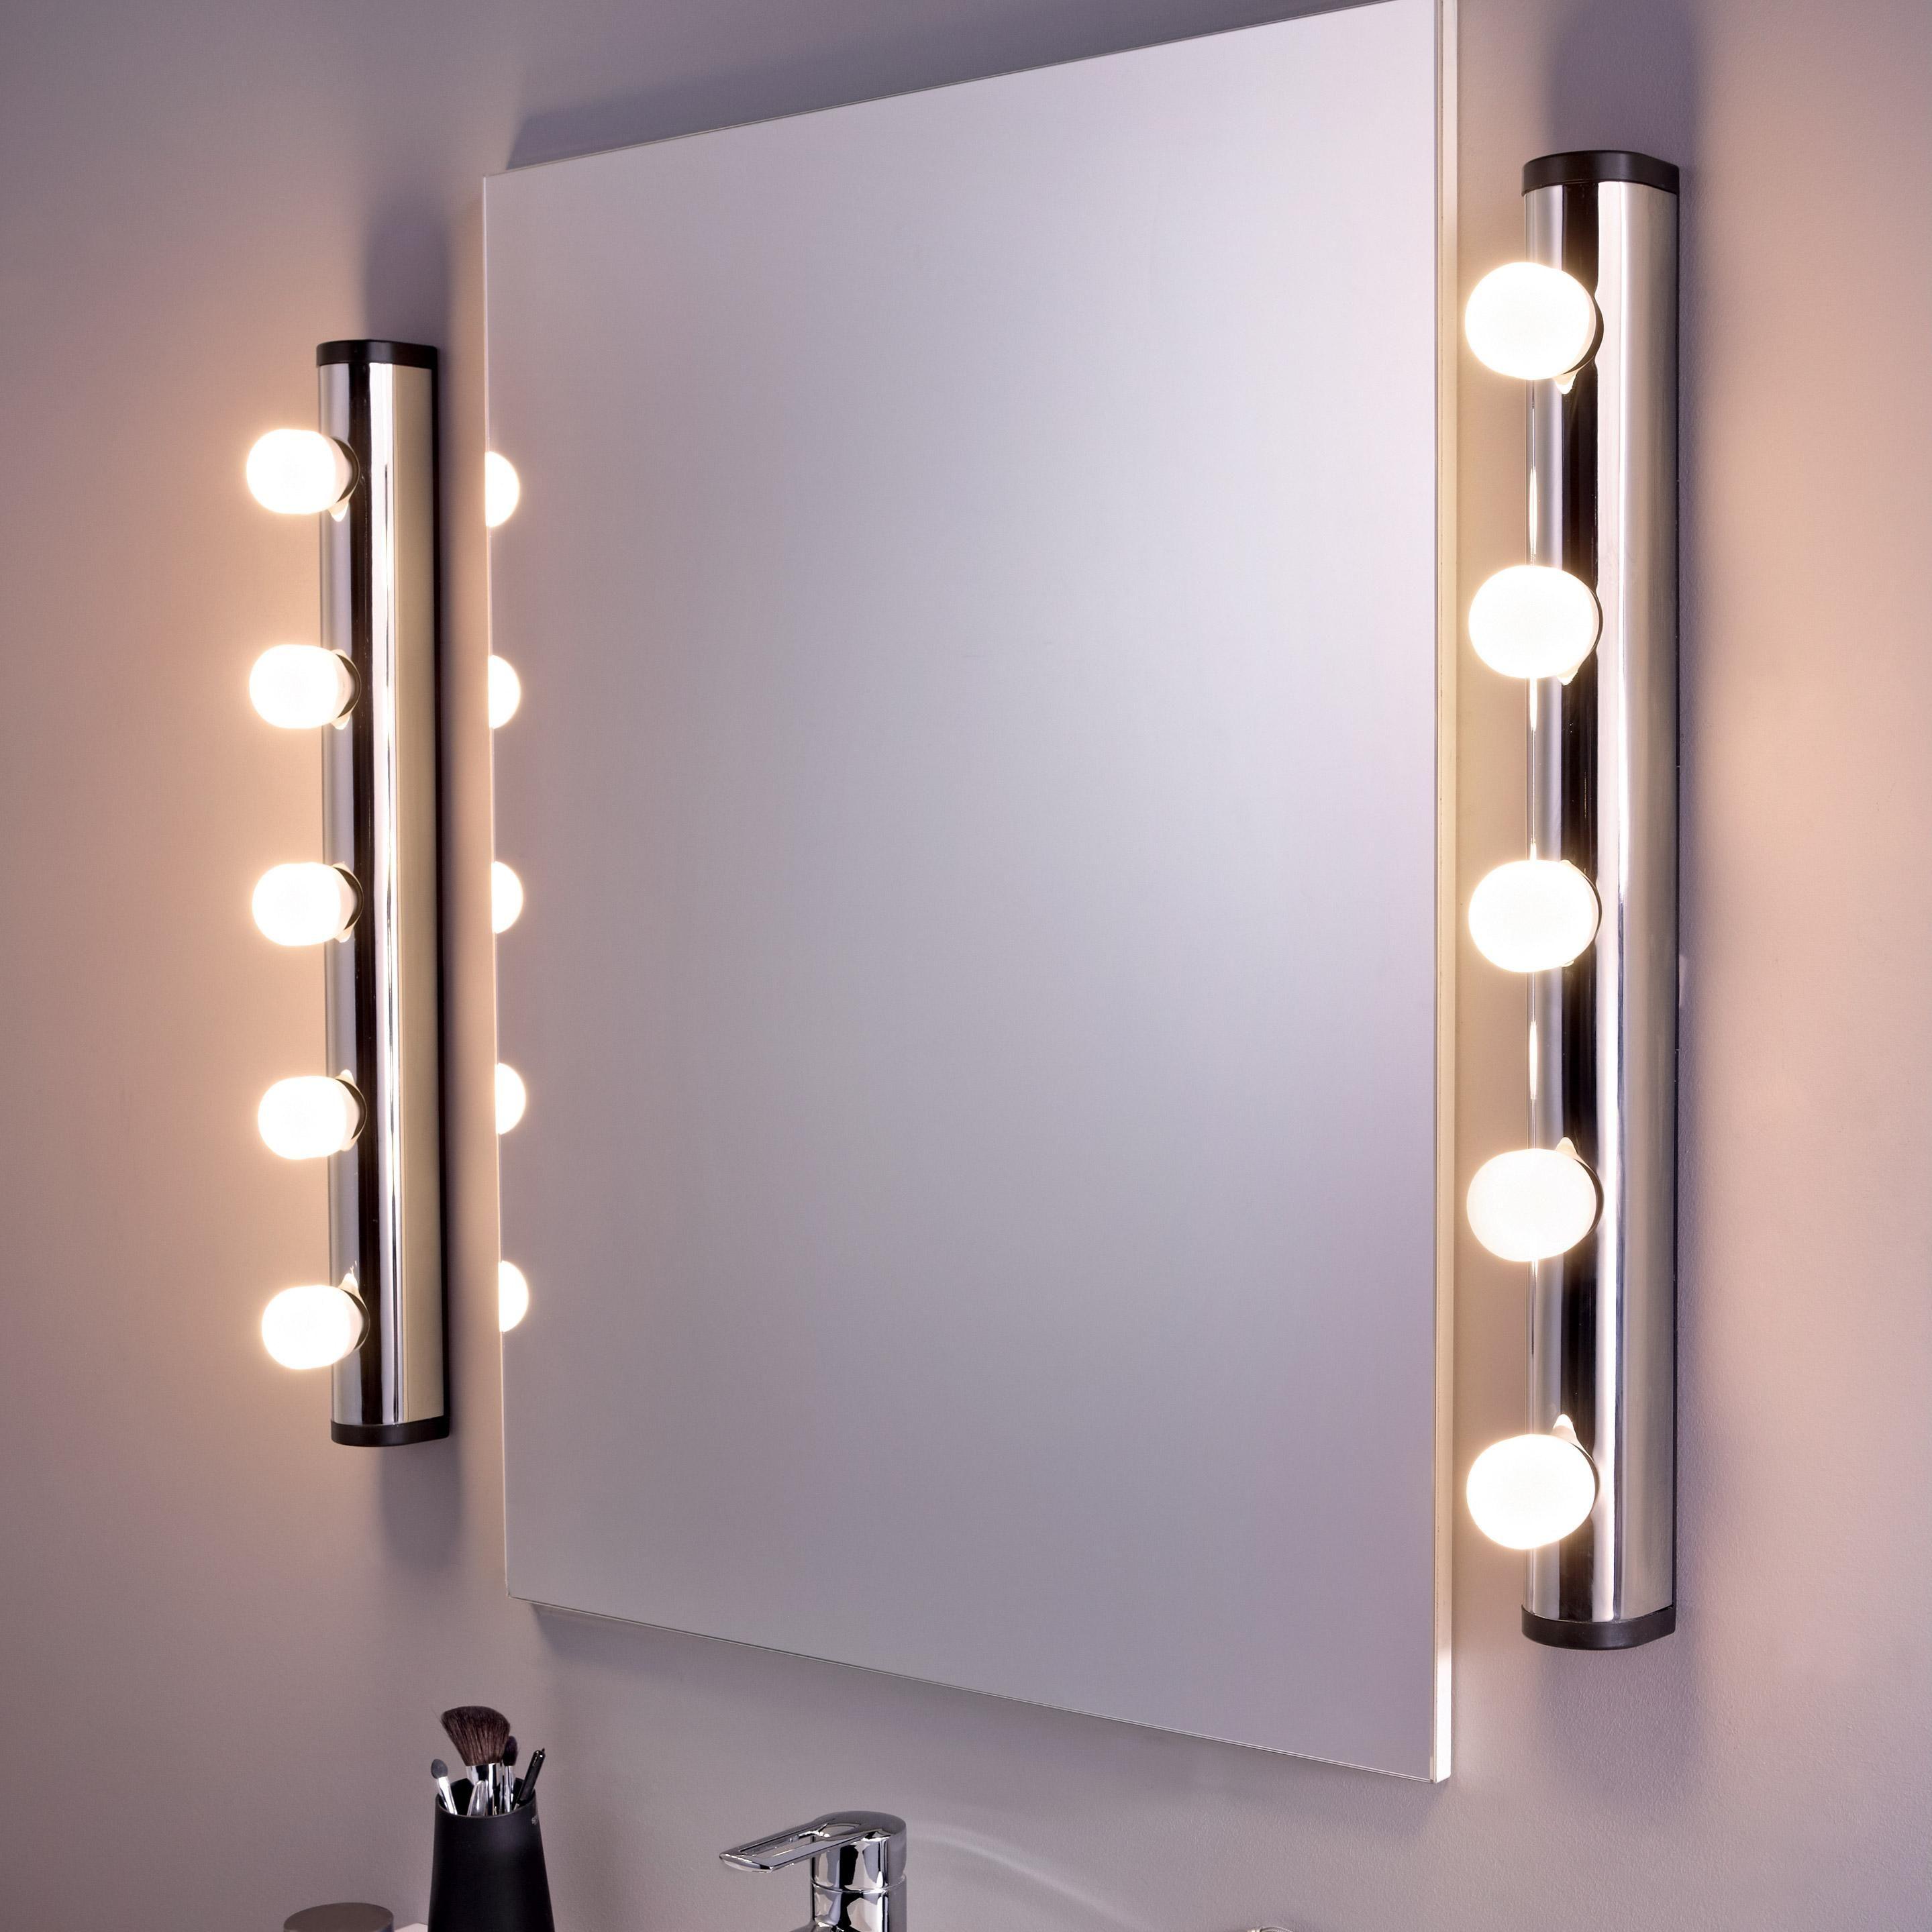 Applique Liz Sans Ampoule 11w E14 Inspire In 2020 Bathroom